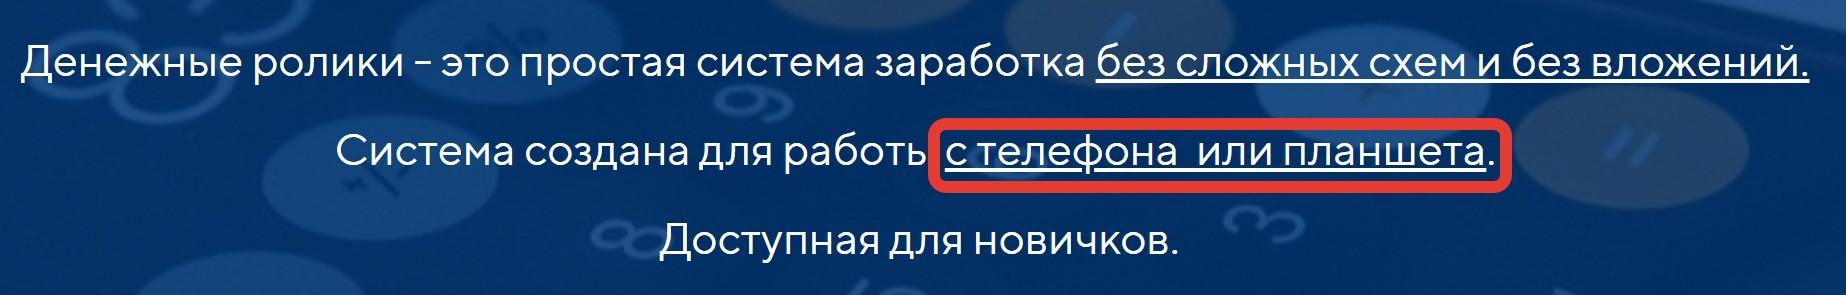 Денежные Ролики, заработок с ТикТока, Сергей Жданов